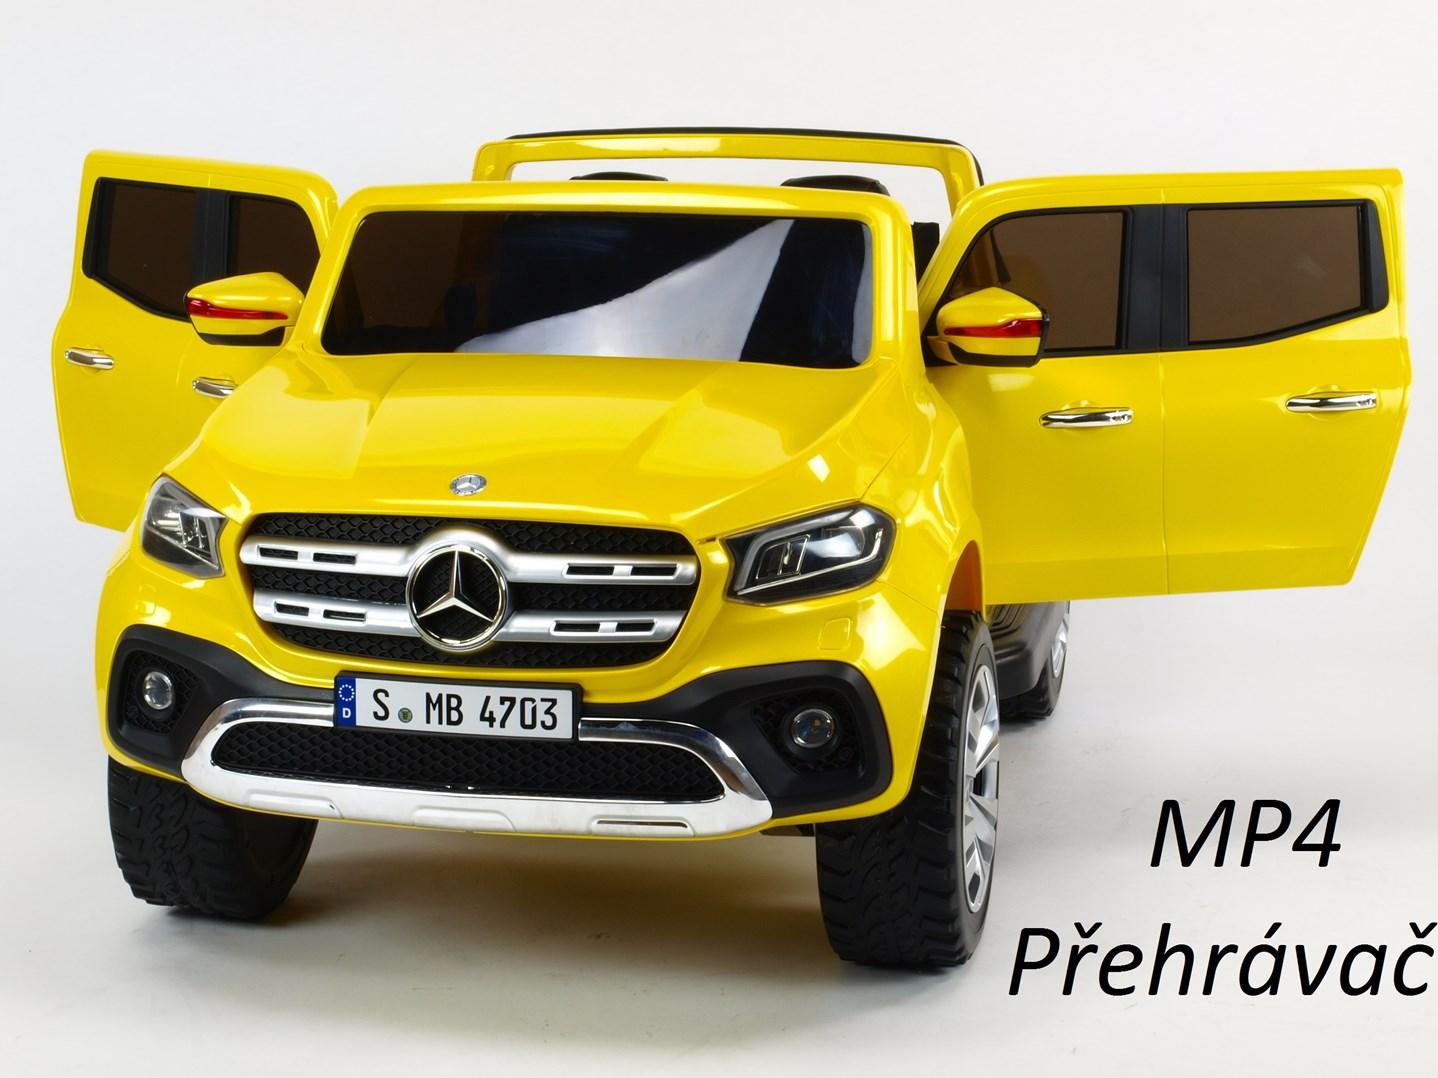 Mercedes  Benz X-Class 4x4, dvoumístný pick up s 2.4G DO, plynulým rozjezdem,USB, Mp4 přehrávač, čalouněním, EVA koly  XMX606.yellow